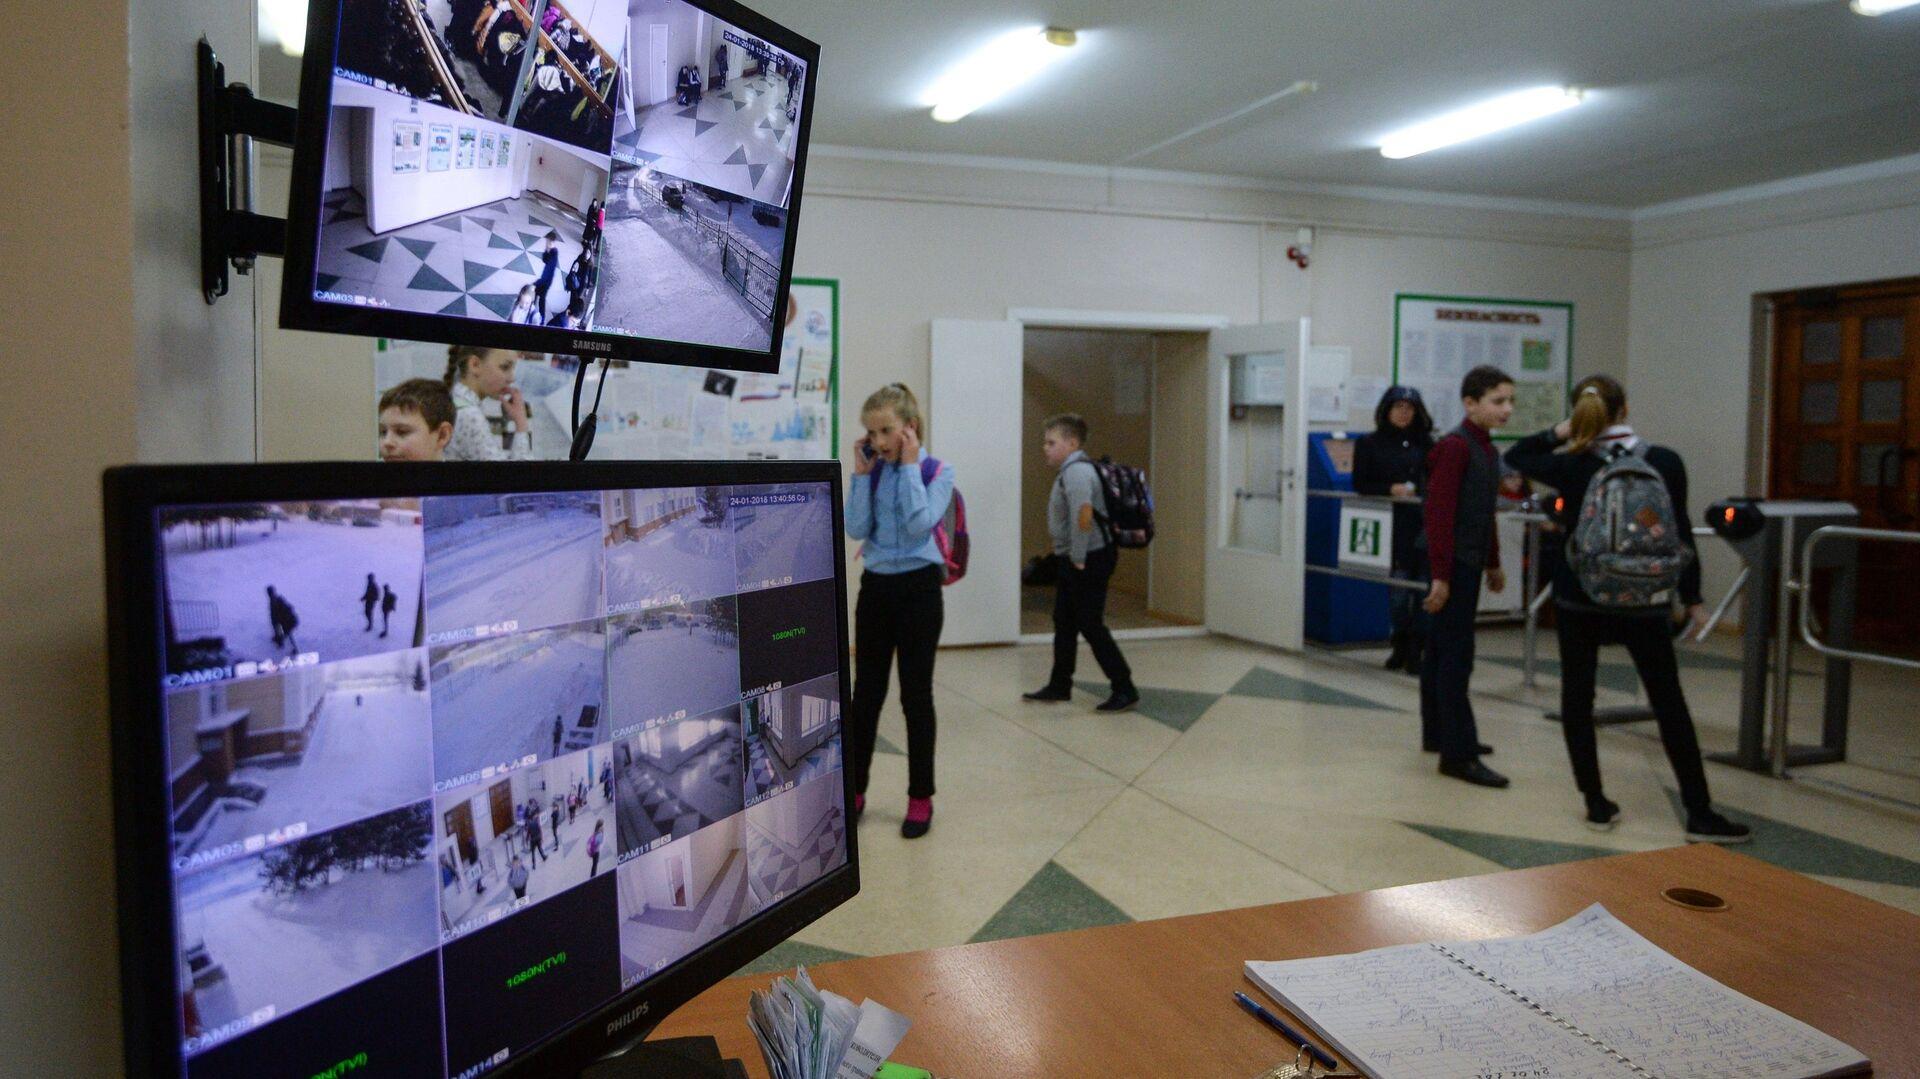 Обеспечение безопасности в российских школах - РИА Новости, 1920, 03.09.2021